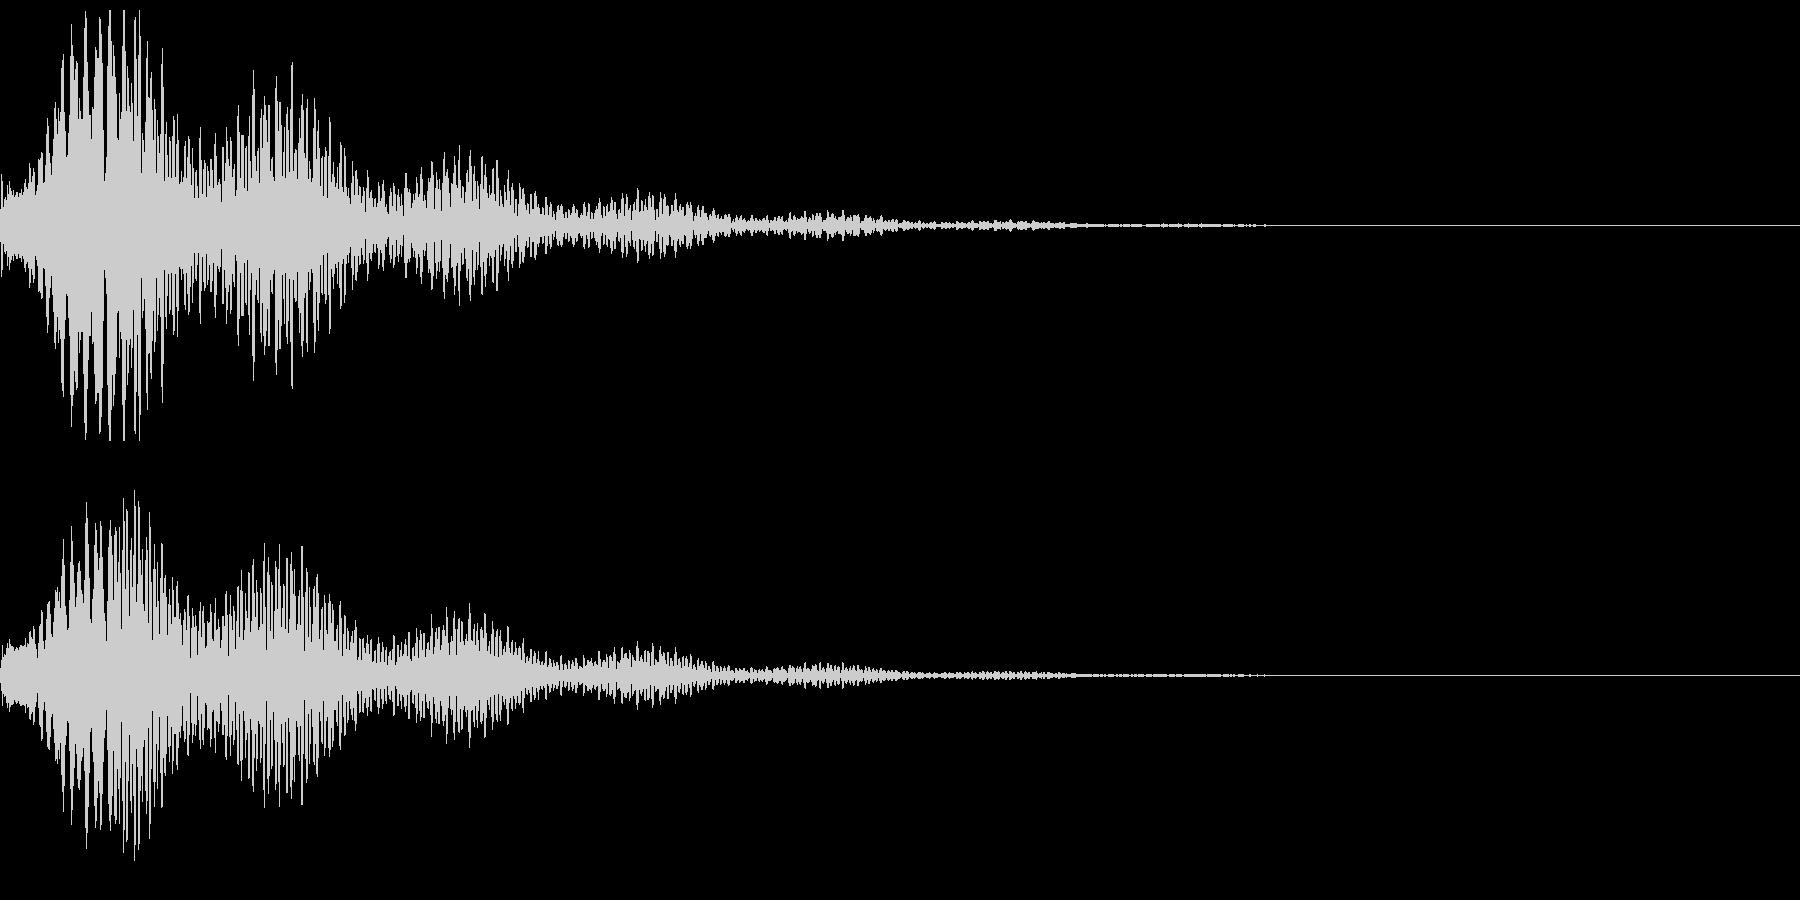 怪しい、気になる音01(テロリーン)の未再生の波形